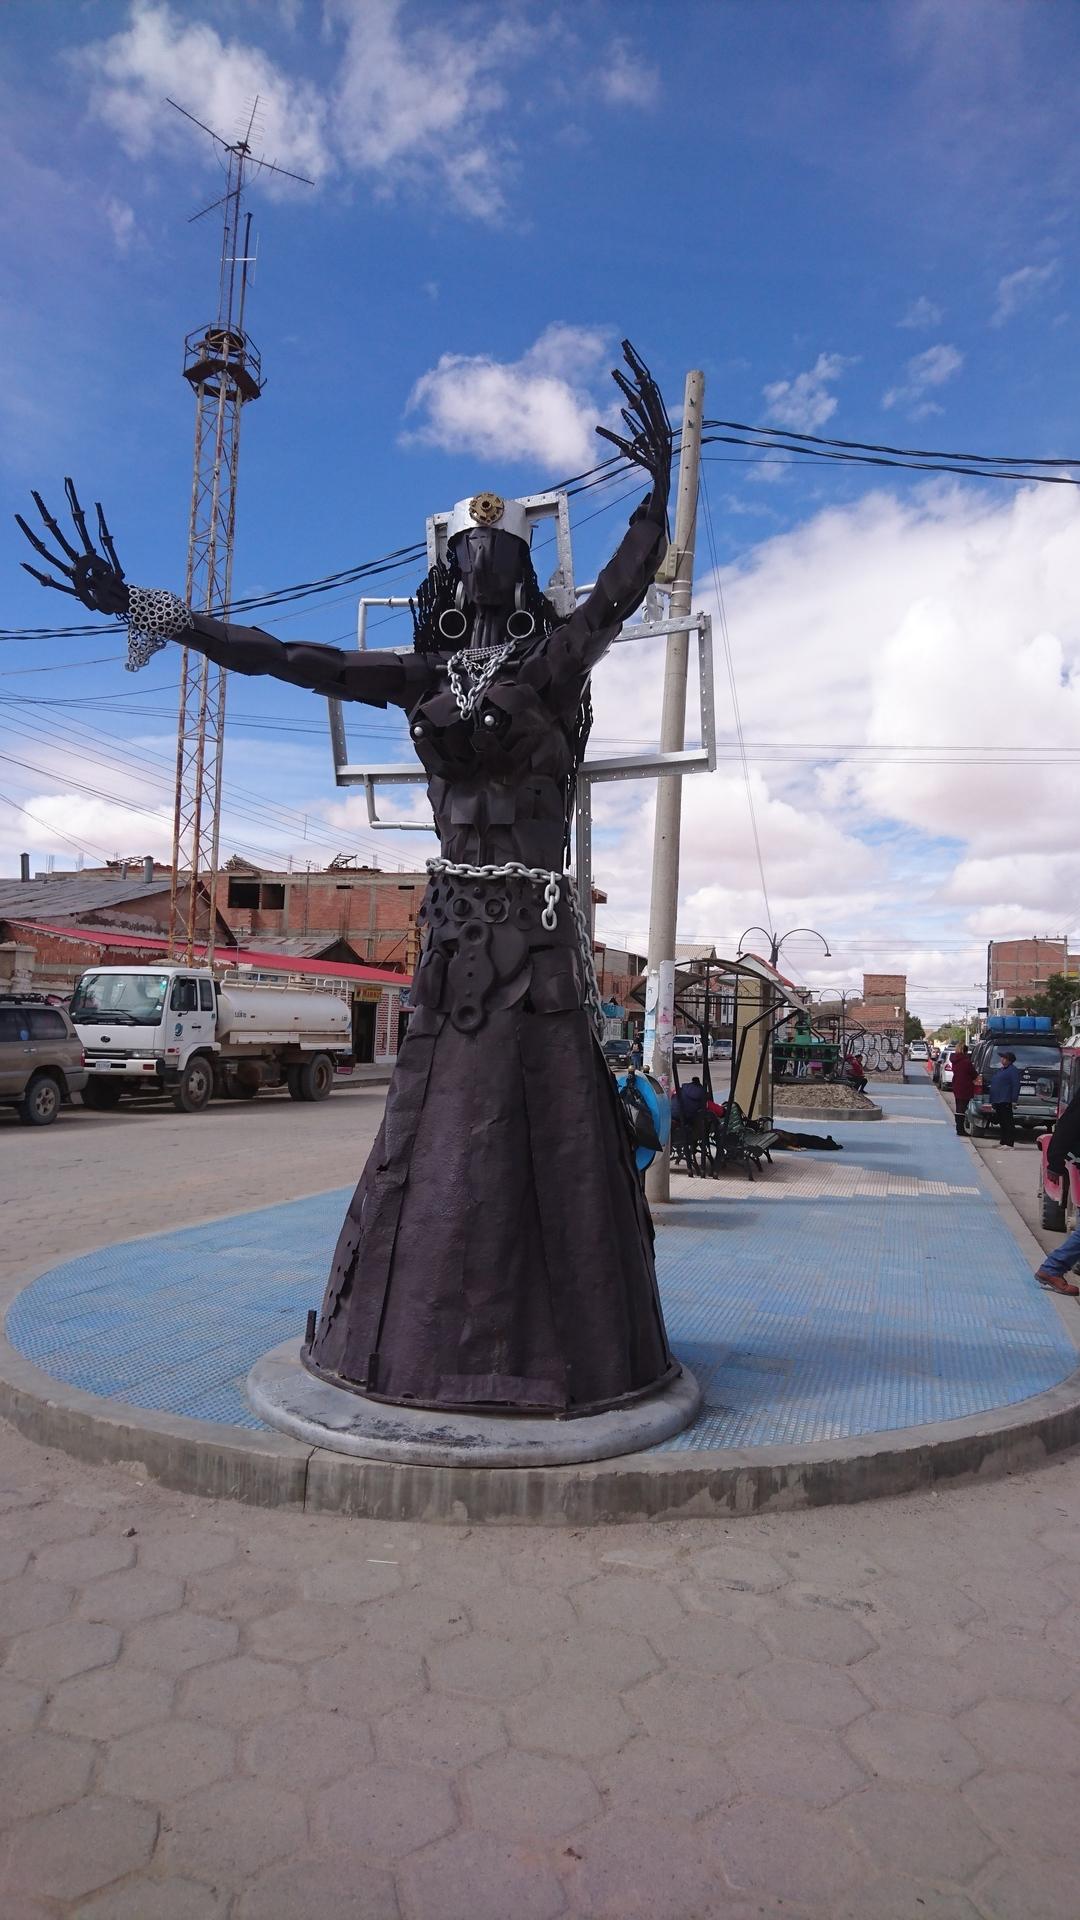 チリ ボリビア 旅行 ウユニ 街歩き オブジェA